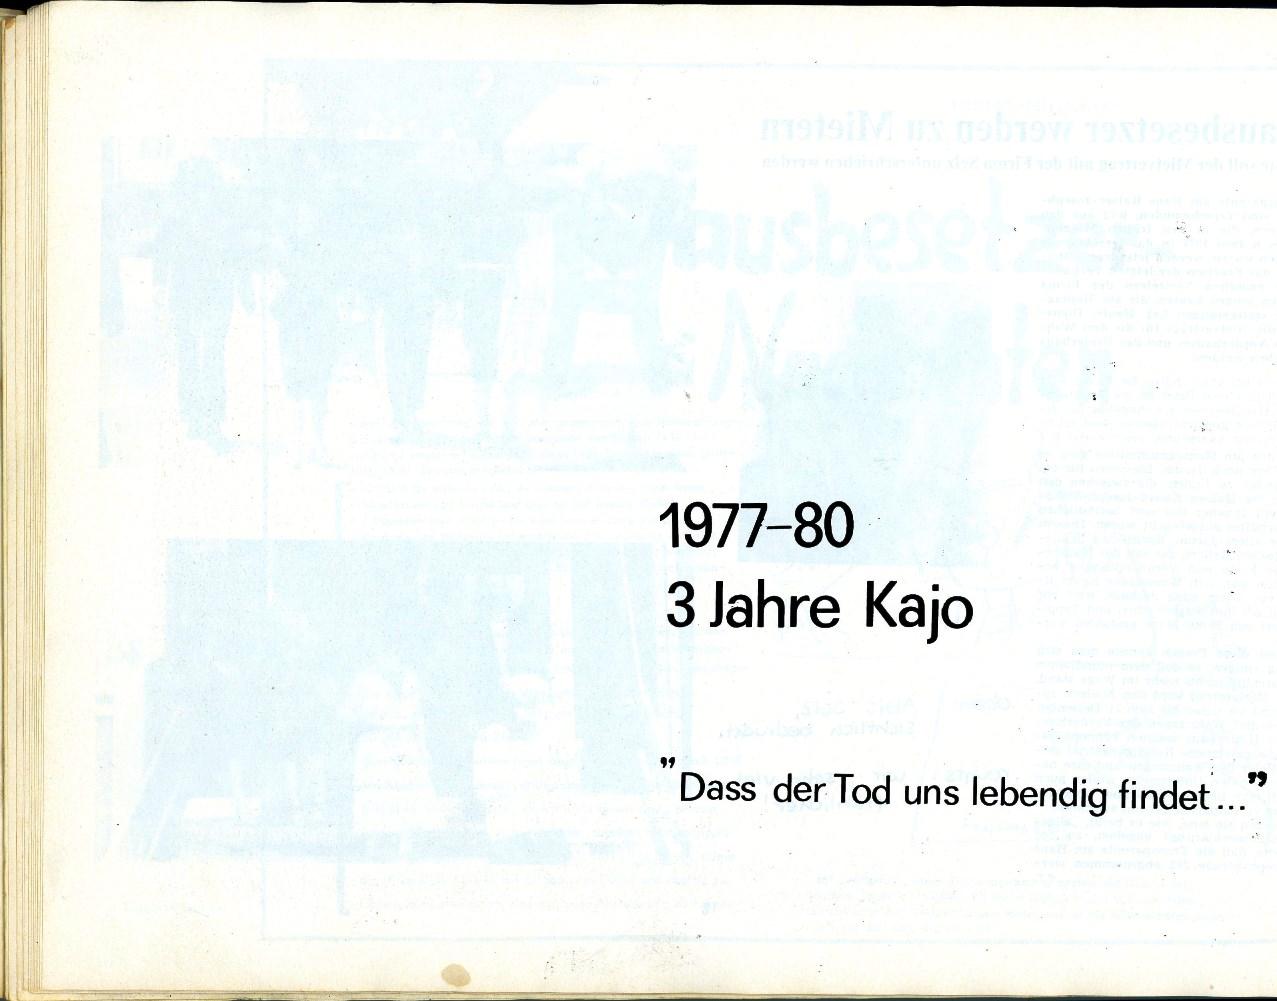 Freiburg_Hausbesetzung_01_Dreisameck_023